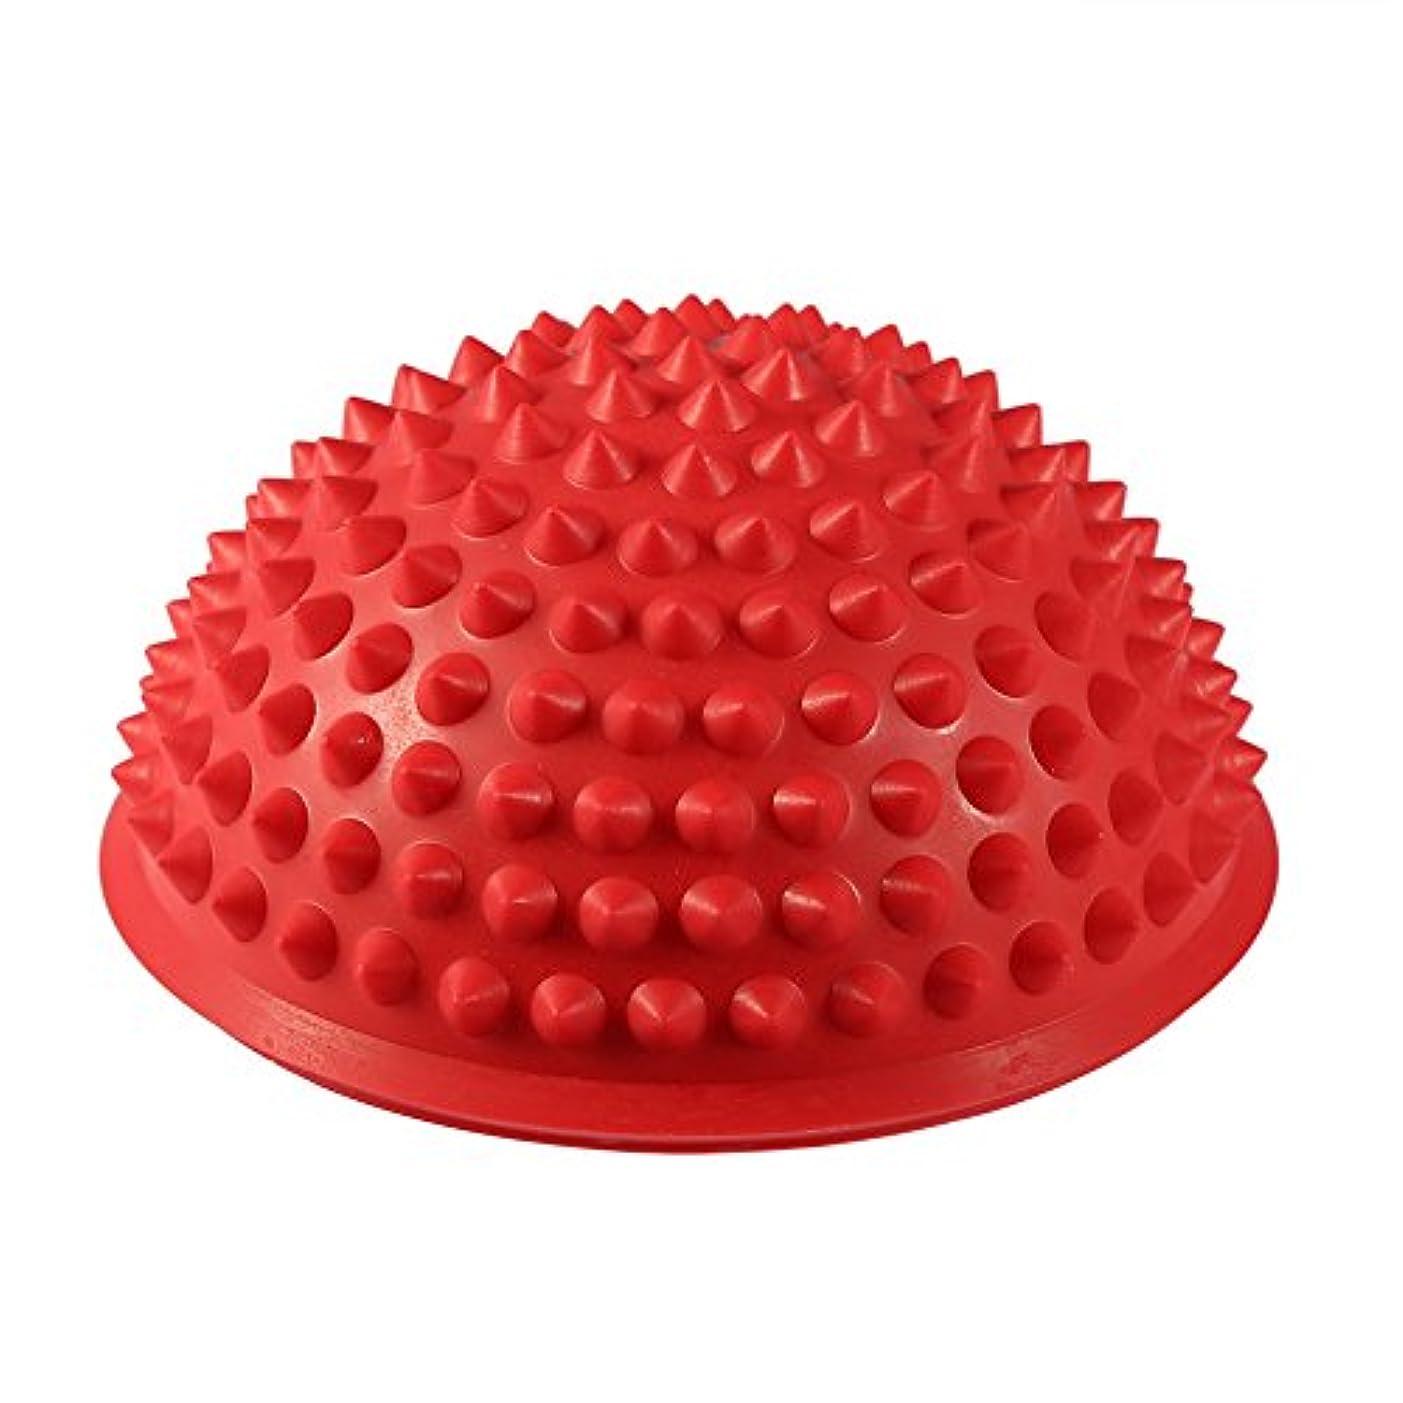 検証作る壊すハーフラウンドPVCマッサージボールヨガボールフィットネスエクササイズジムマッサージ5色(レッド)